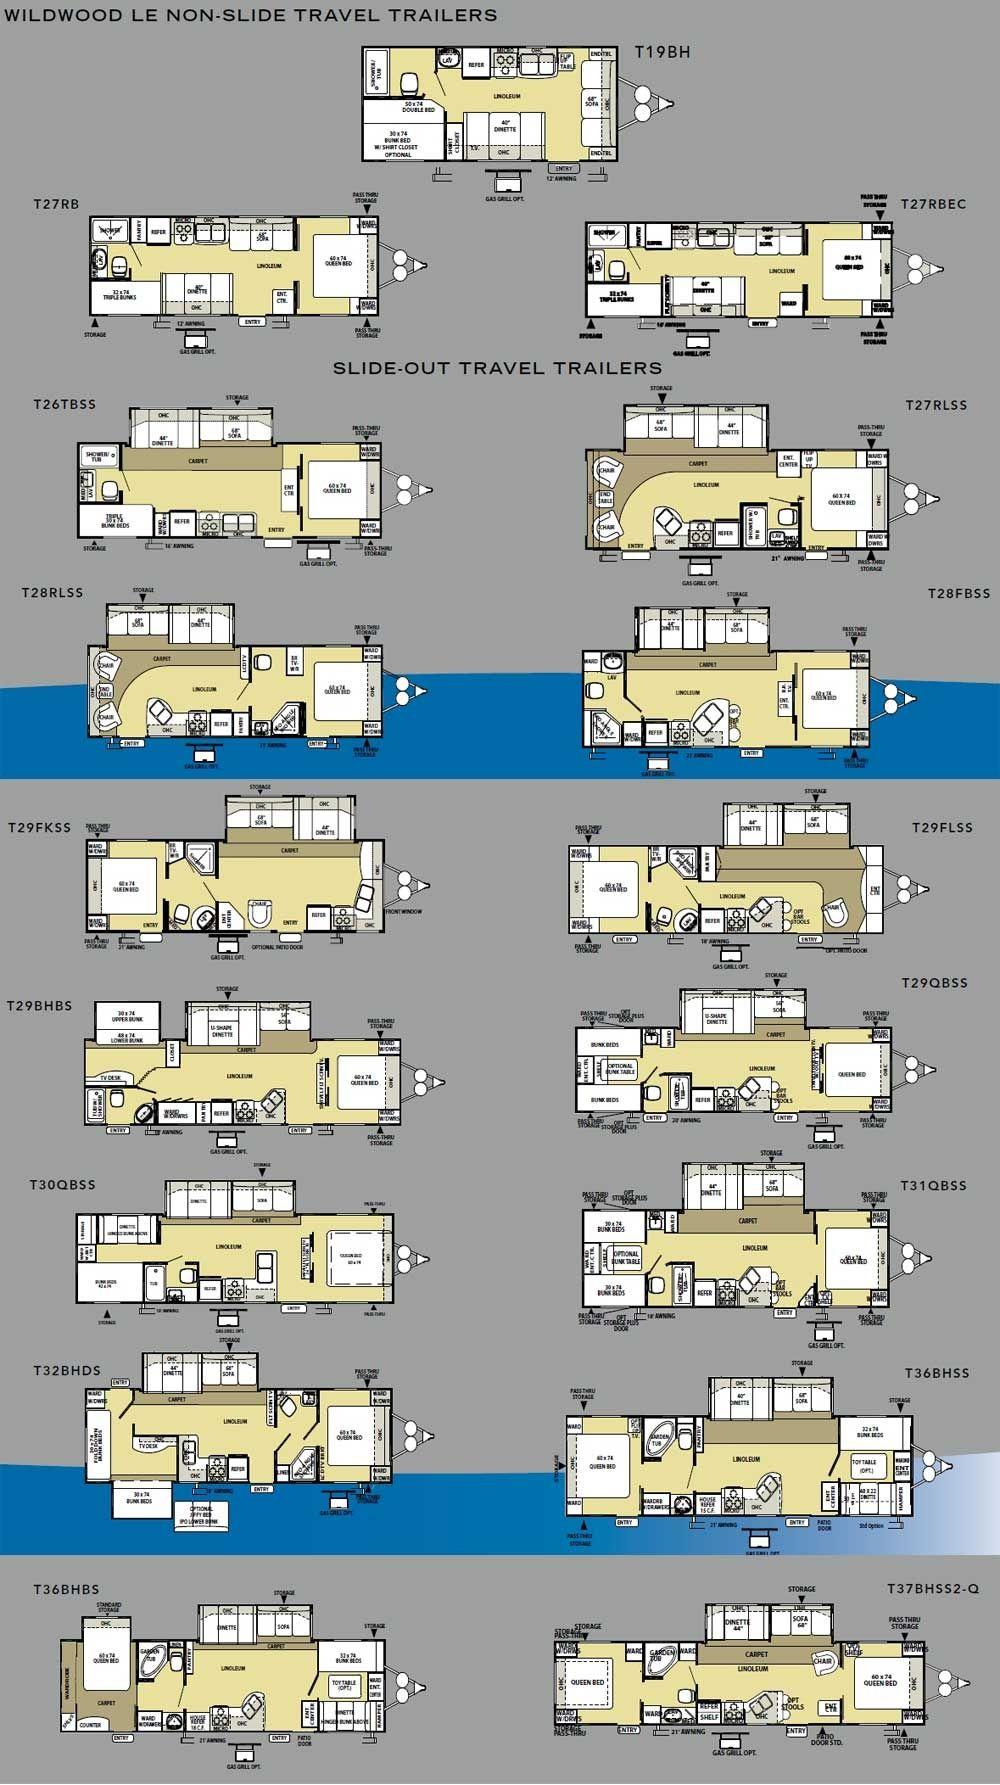 Forest River Wildwood Rv Floor Plans | http://viajesairmar.com ...